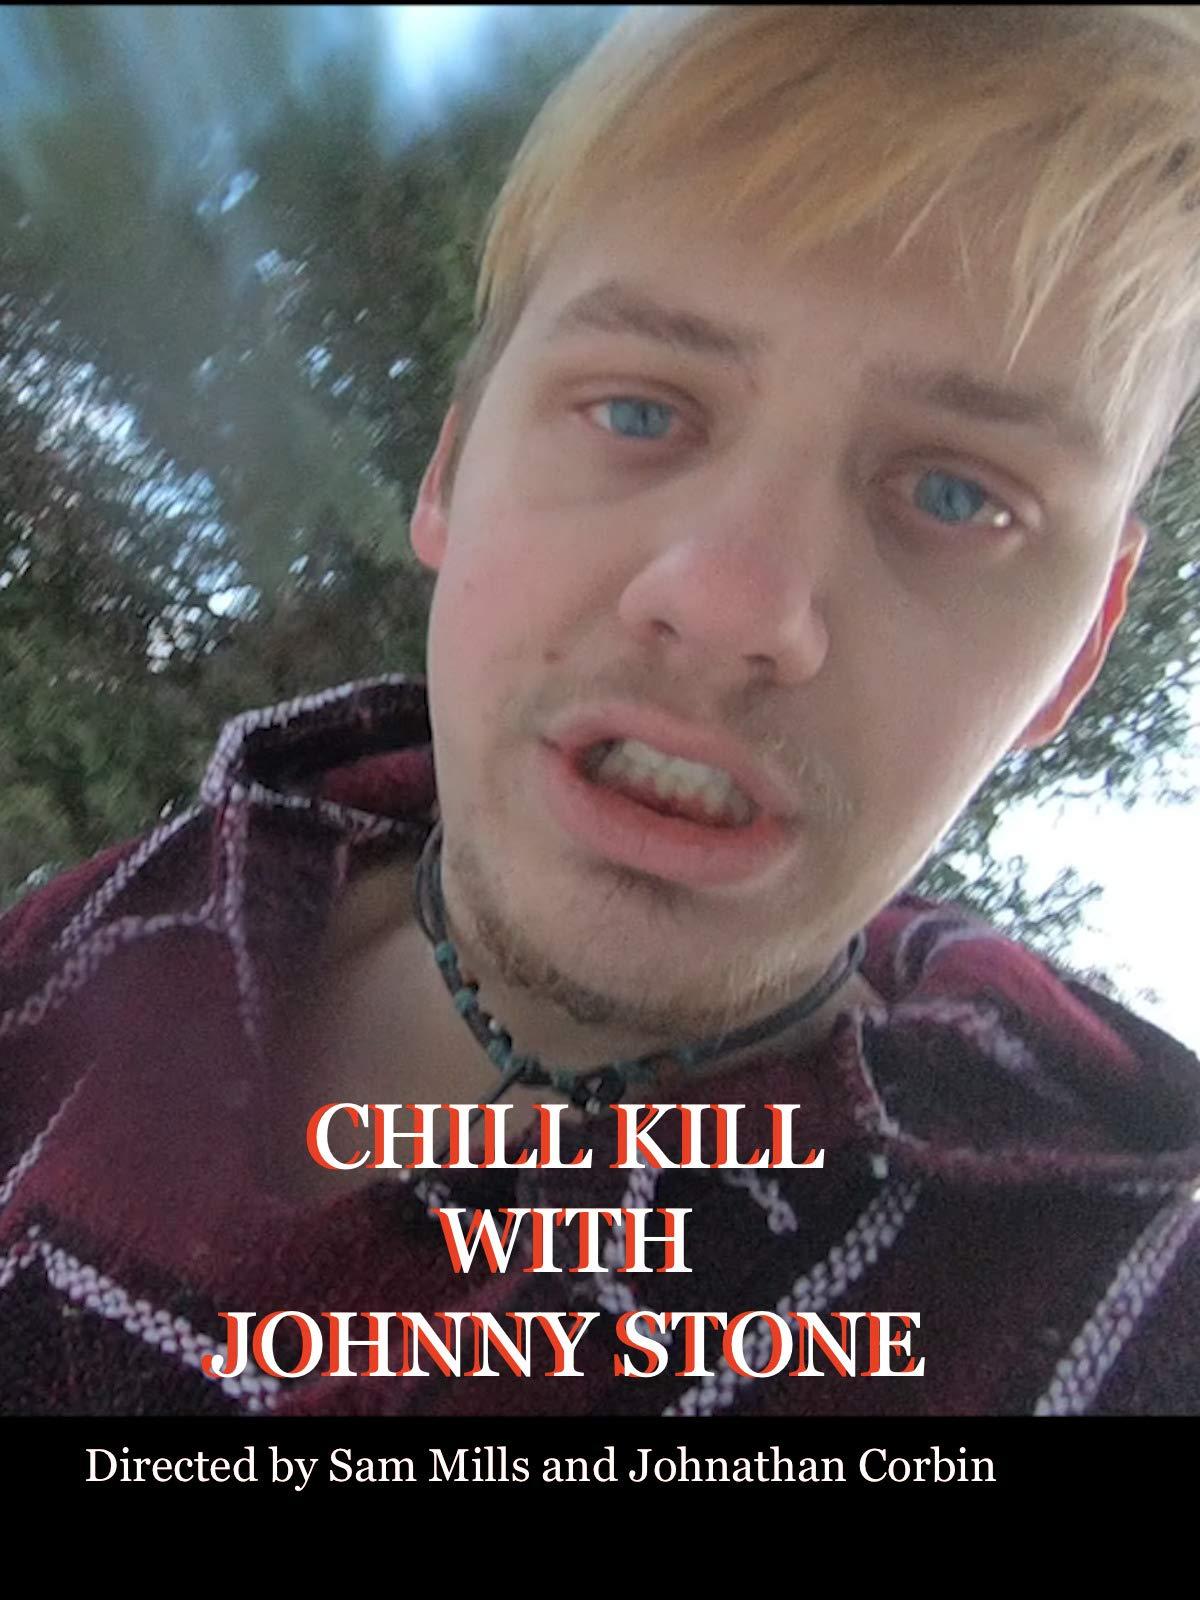 Chill Kill with Johnny Stone